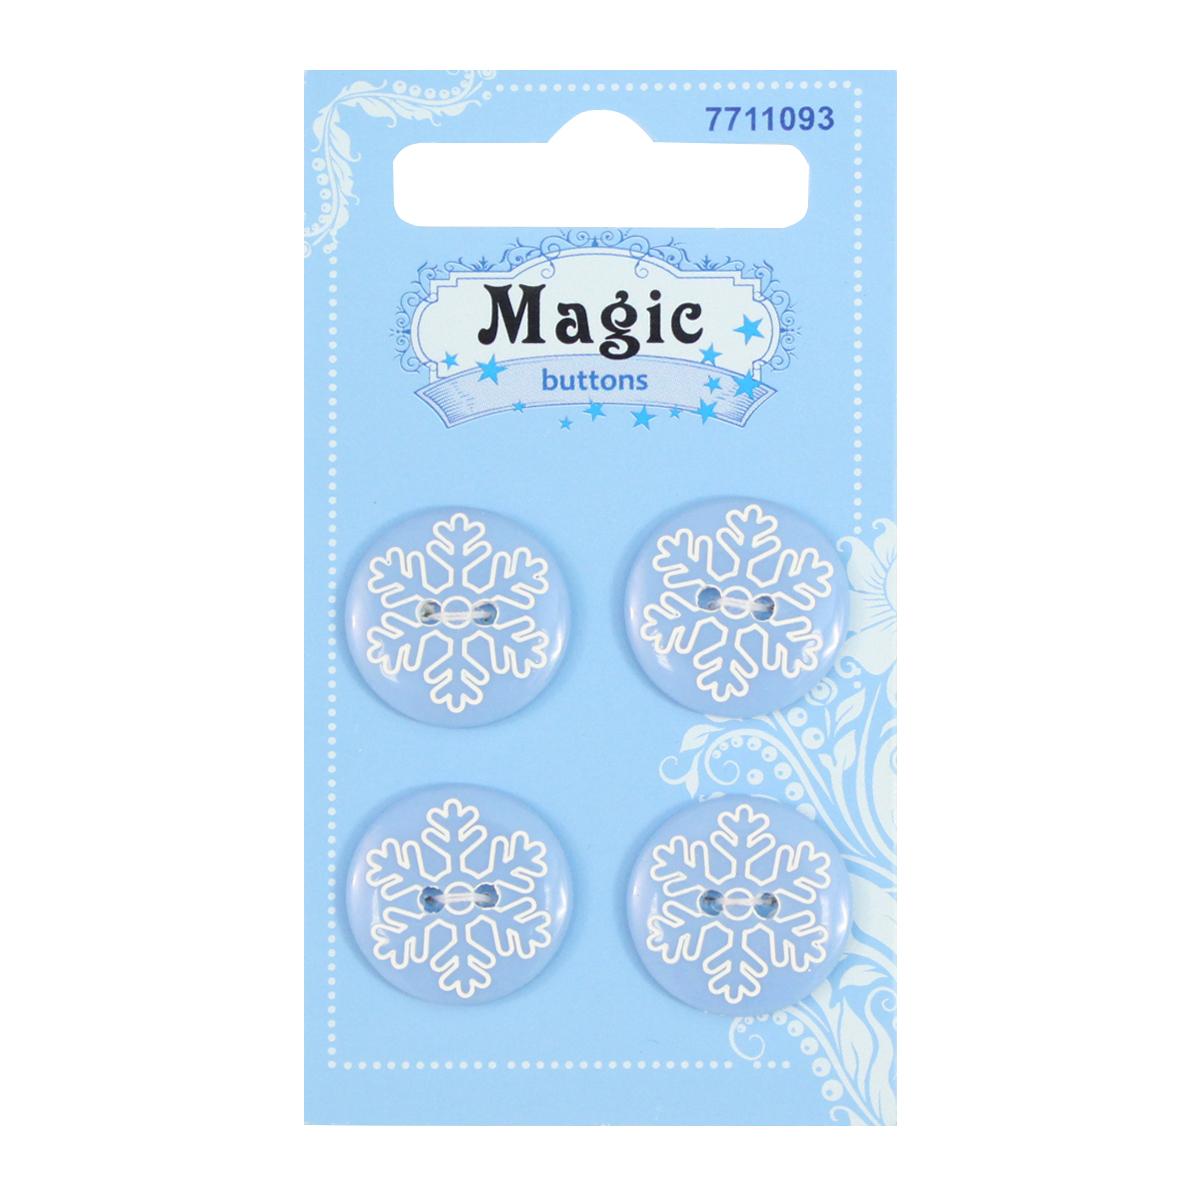 Пуговицы декоративные Magic Buttons Снежинка, 4 шт7711093Яркие пуговицы бренда Magic Buttons восхищают разнообразием стилей и цветов. Они станут отличным дополнением в качестве завершающего штриха на одежде, кроме того их можно использовать в скрапбуинге, создавать с помощью них интересные открытки, подарочные конверты и многое, многое другое.